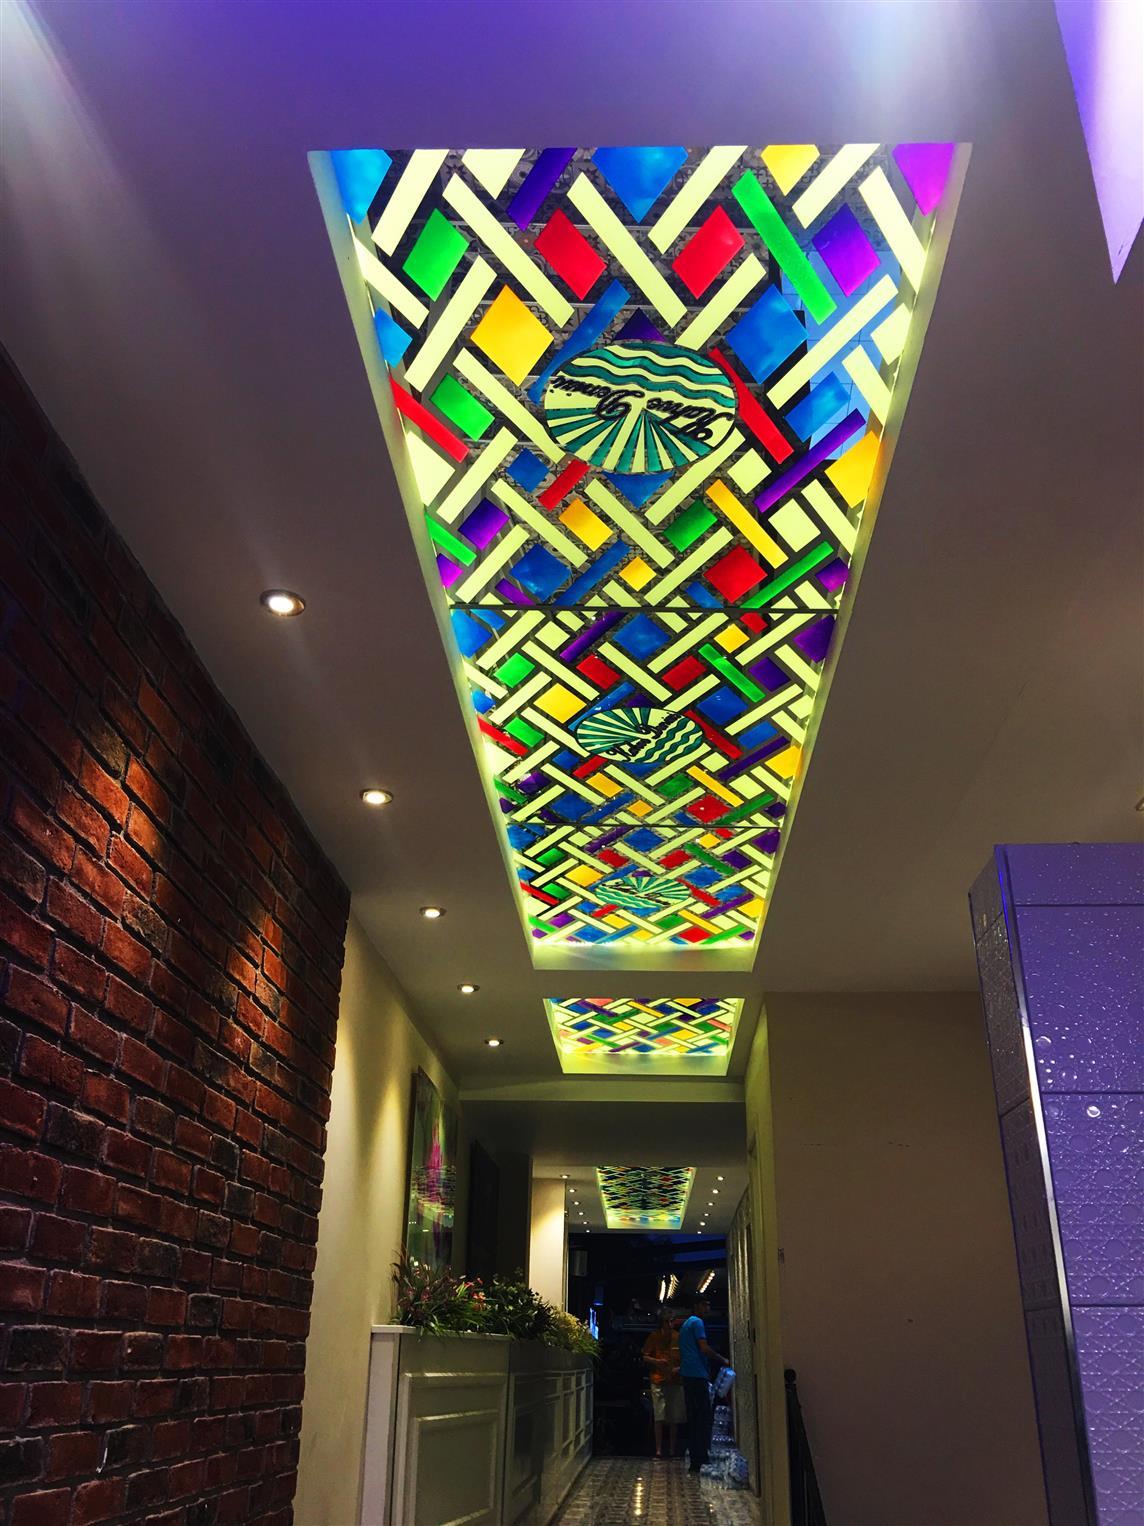 kahve-denizi-cafe-restaurant20171221184426572.jpg izmir vitray çalışması